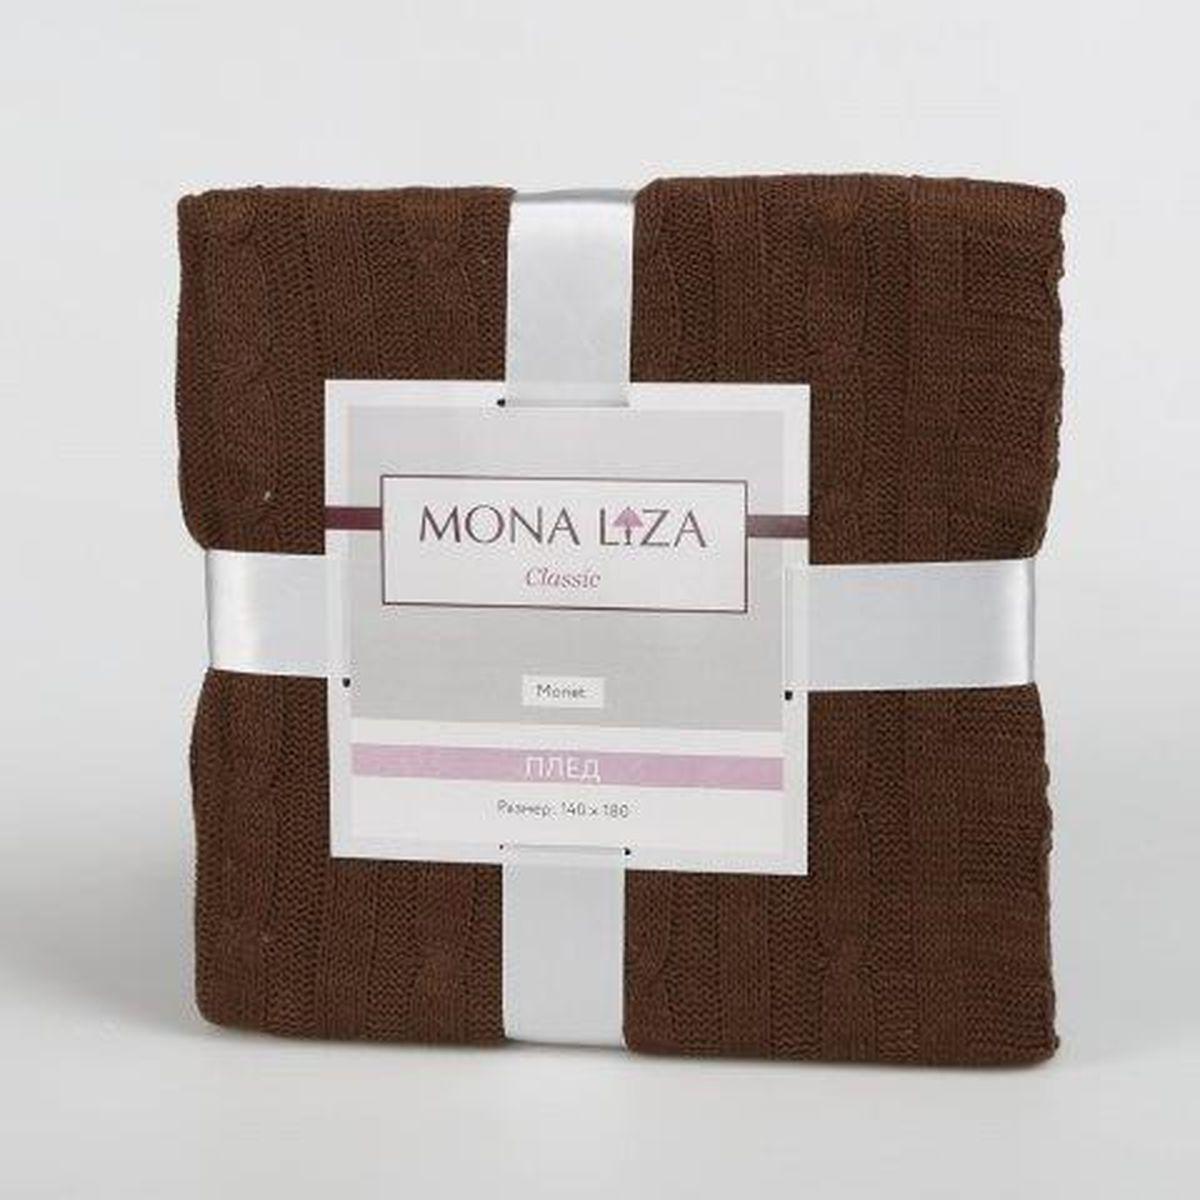 Плед Mona Liza Classic Monet, цвет: шоколадный, 140 х 180 см520403/9Оригинальный вязаный плед Mona Liza Classic Monet послужит теплым, мягким и практичным подарком близким людям. Плед изготовлен из высококачественного 100% акрила. Яркий и приятный на ощупь плед Mona Liza Classic Monet станет отличным дополнением в вашем интерьере.